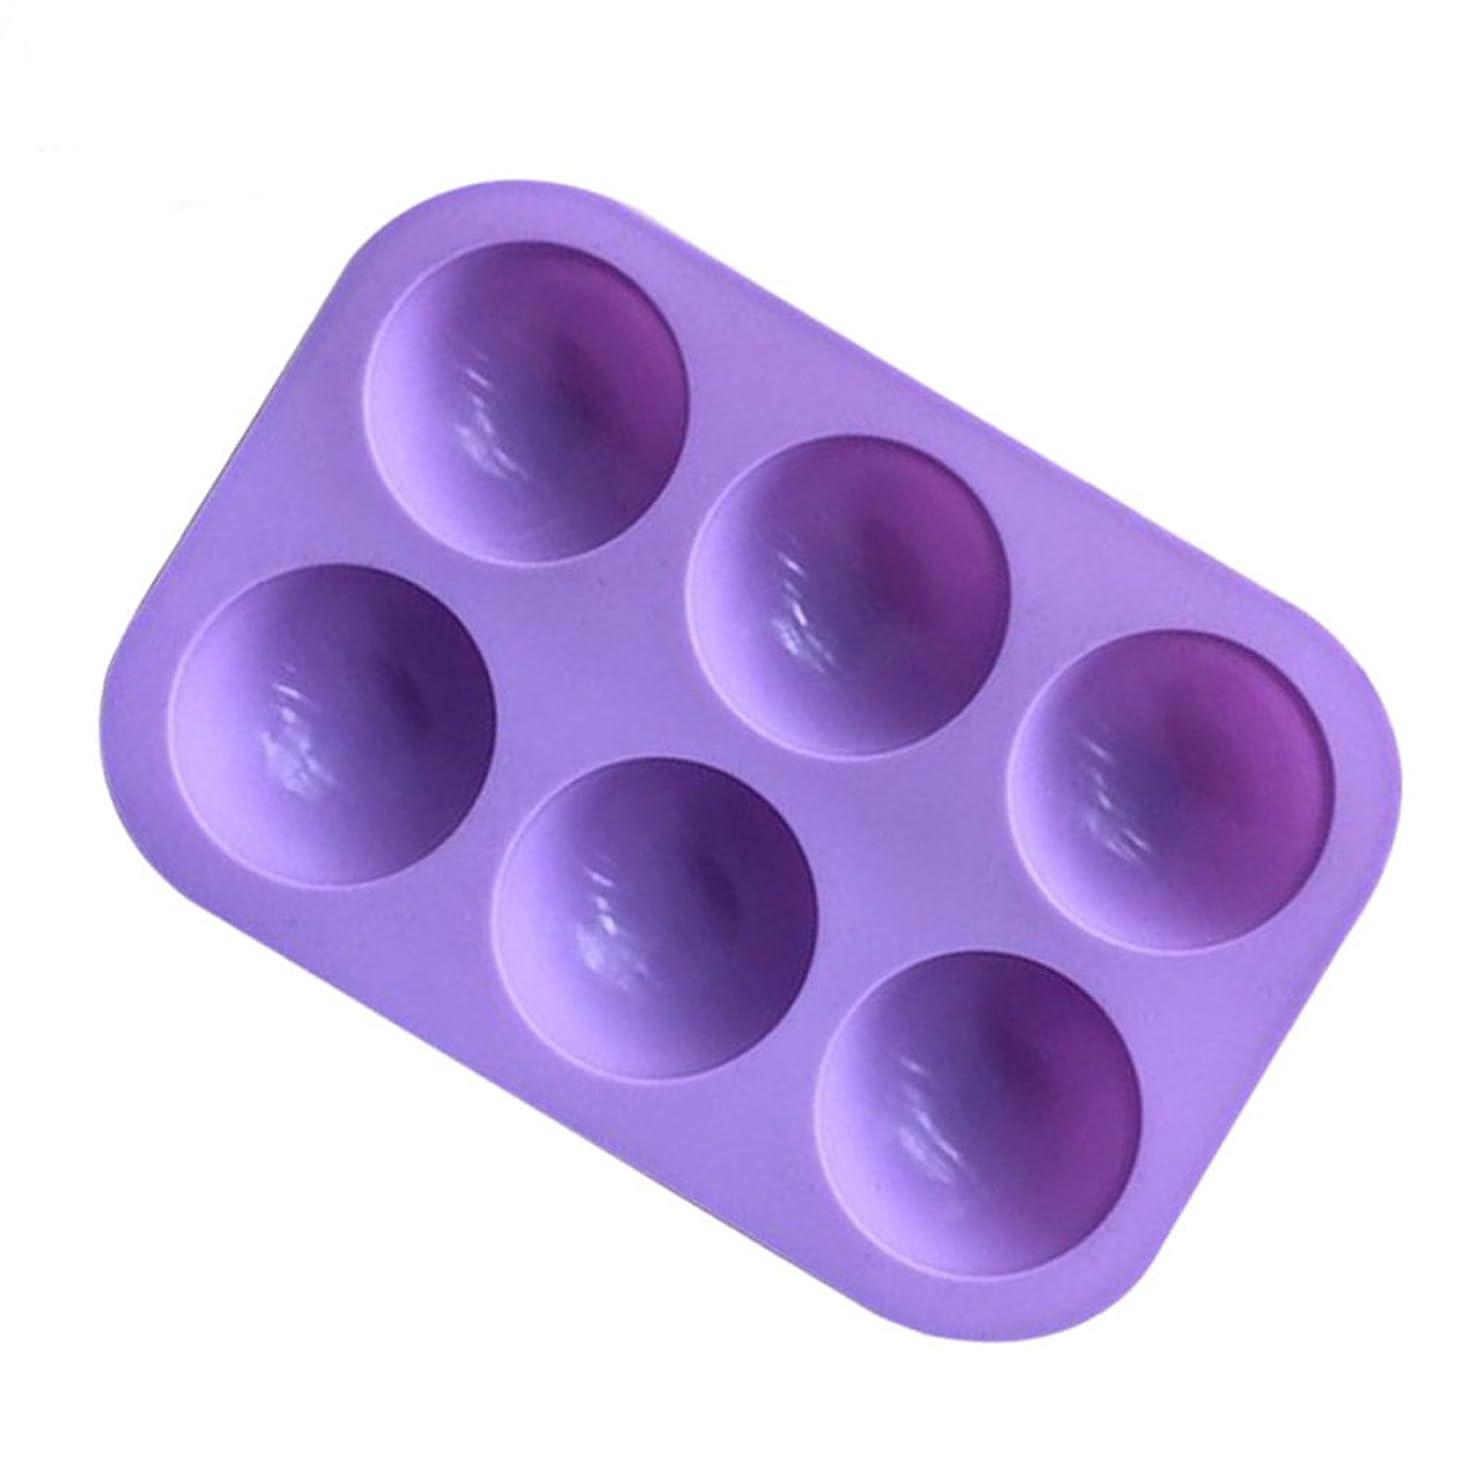 覆す順応性包括的BESTONZON シリコンソープモールド半円マフィンパンカップケーキキャンディモールドケーキチョコレートモールドベーキングモールド6個のキャビティ(紫色)